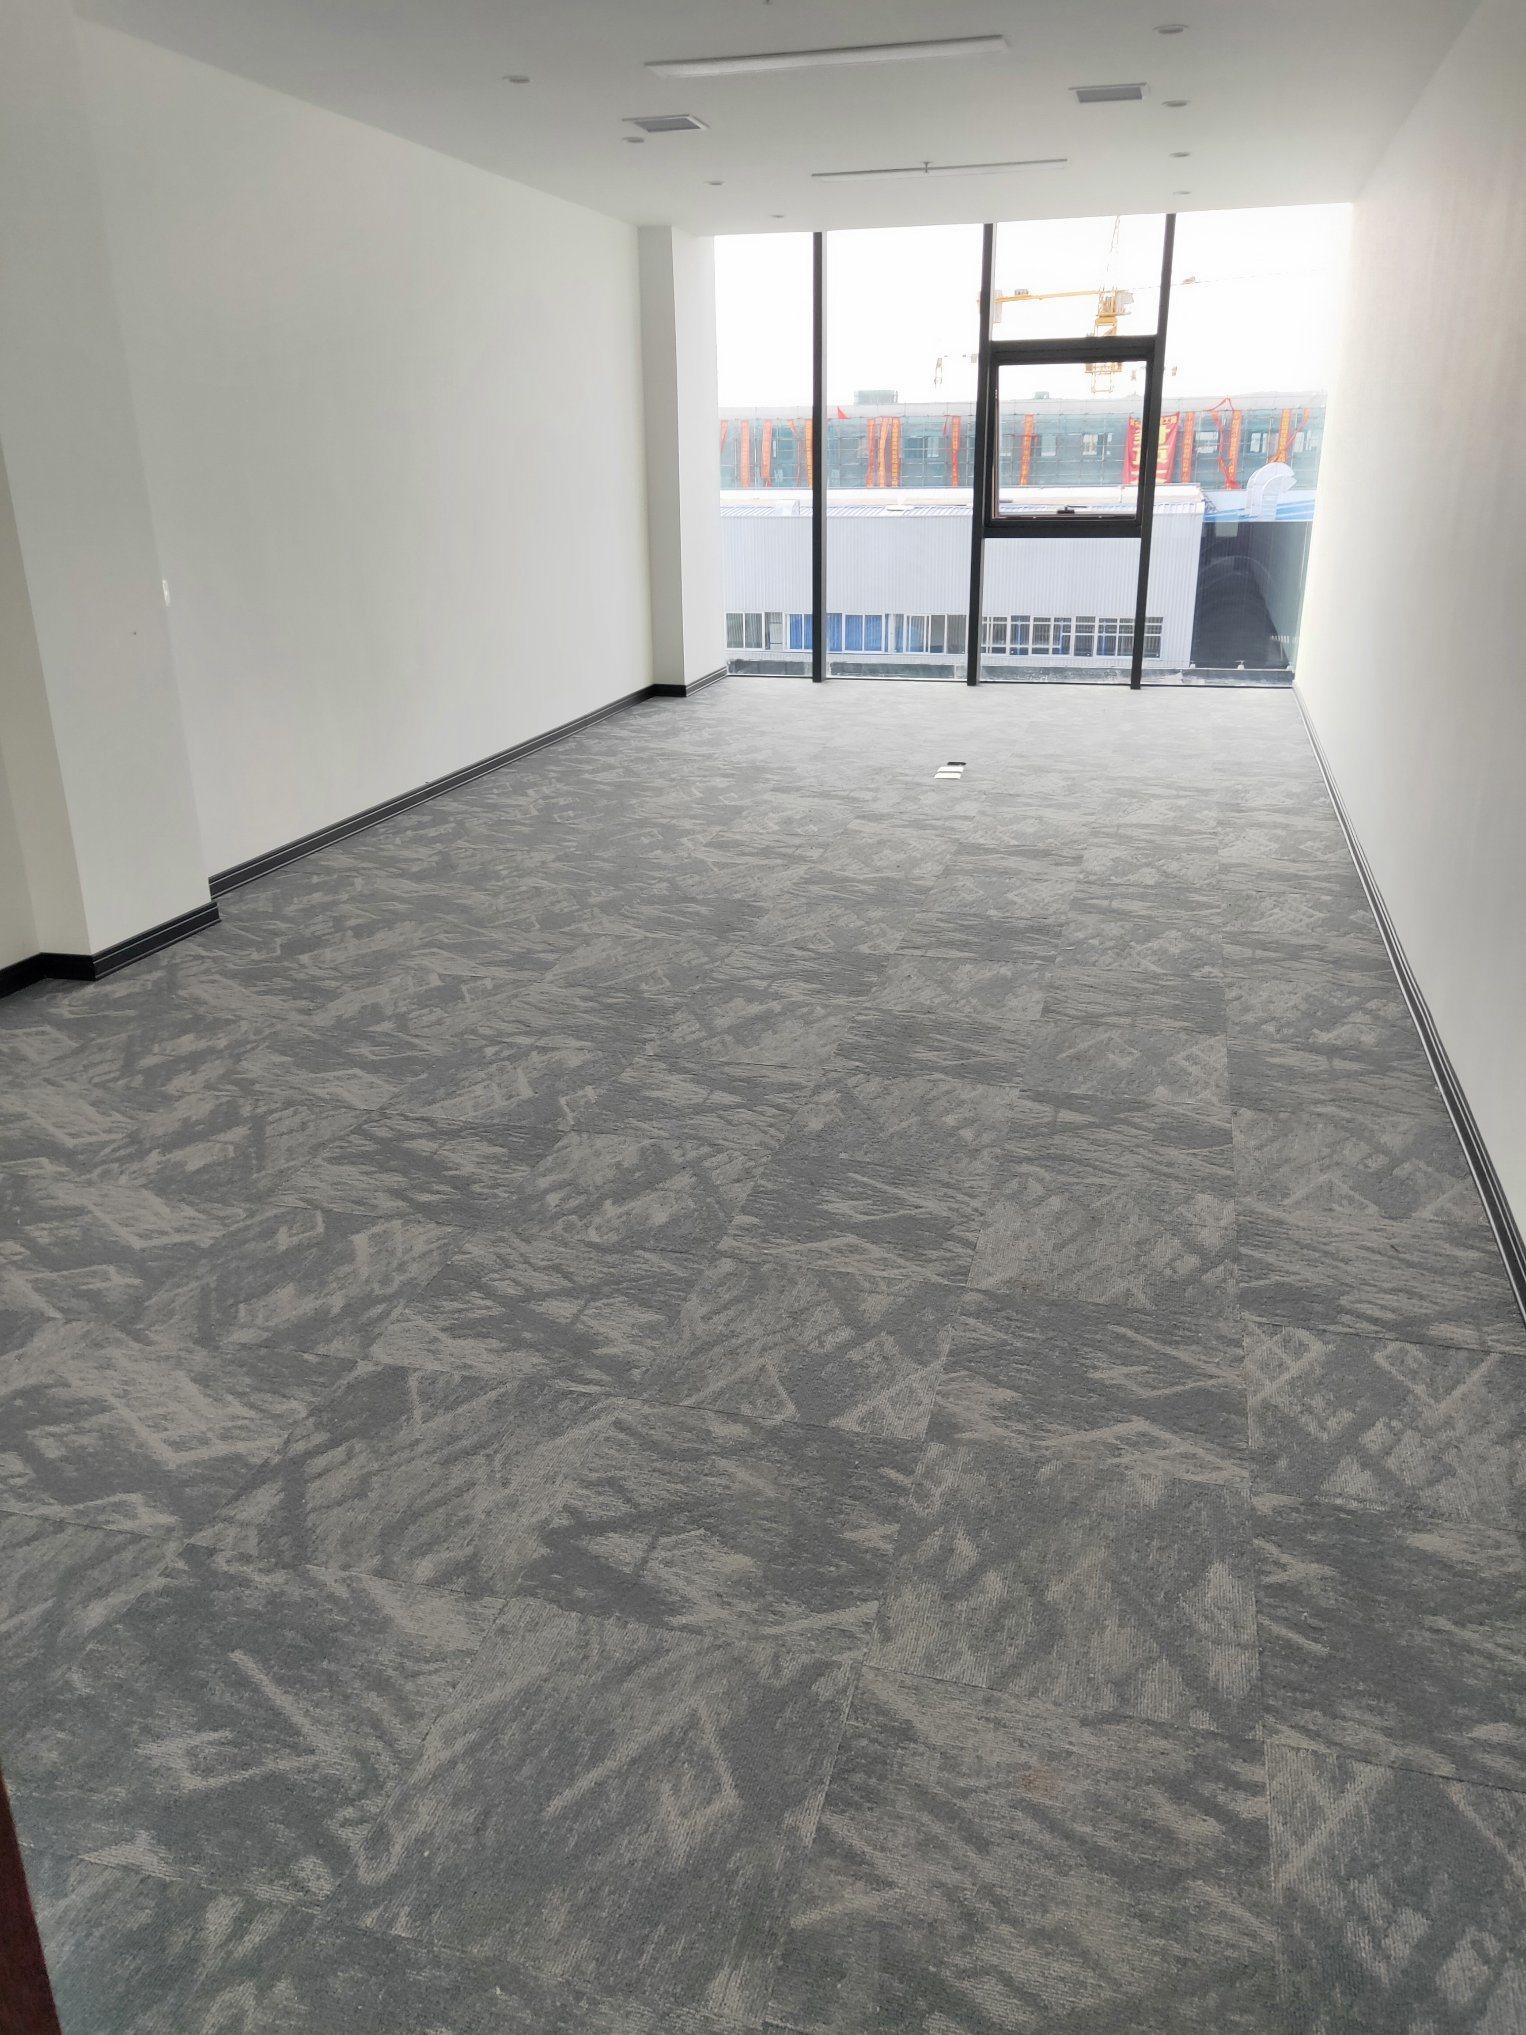 China Library Carpet Tile Pvc Backing